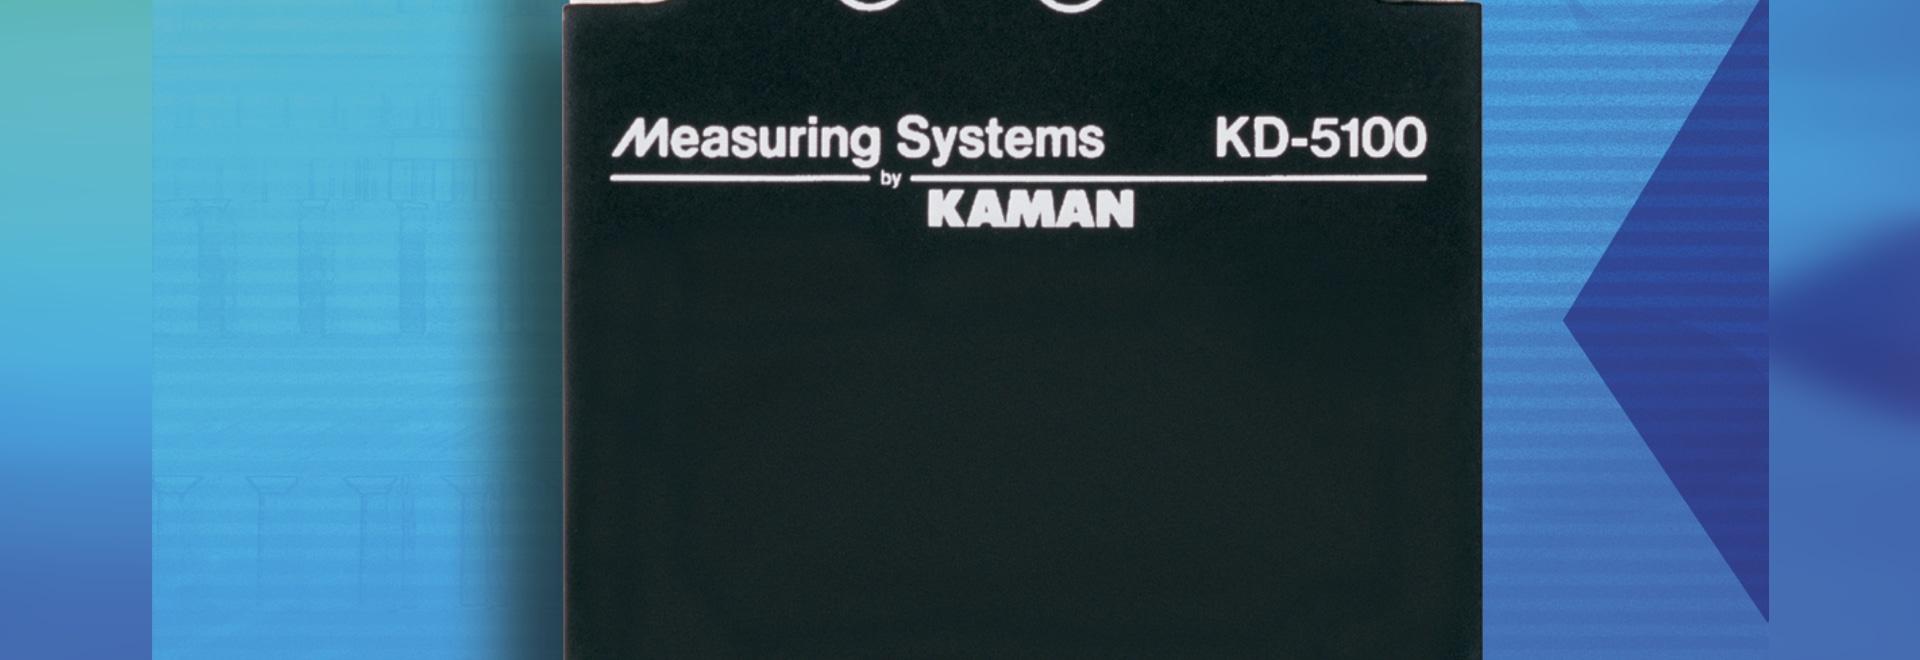 La medición de Kaman anuncia el sistema de medida diferenciado KD-5100